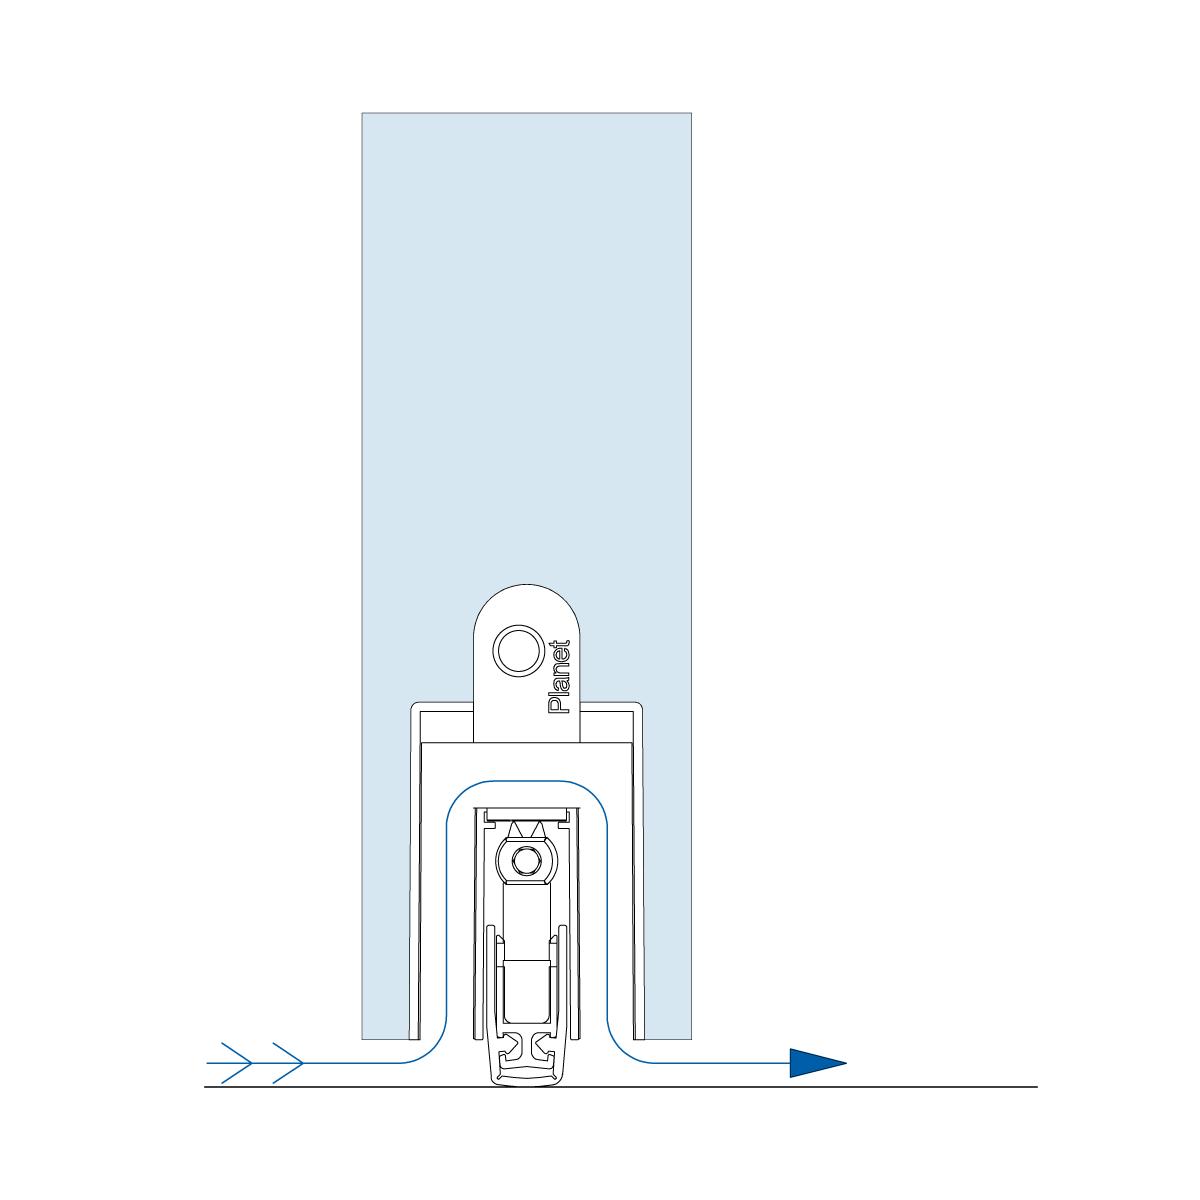 Magnetschließblech verstellbar